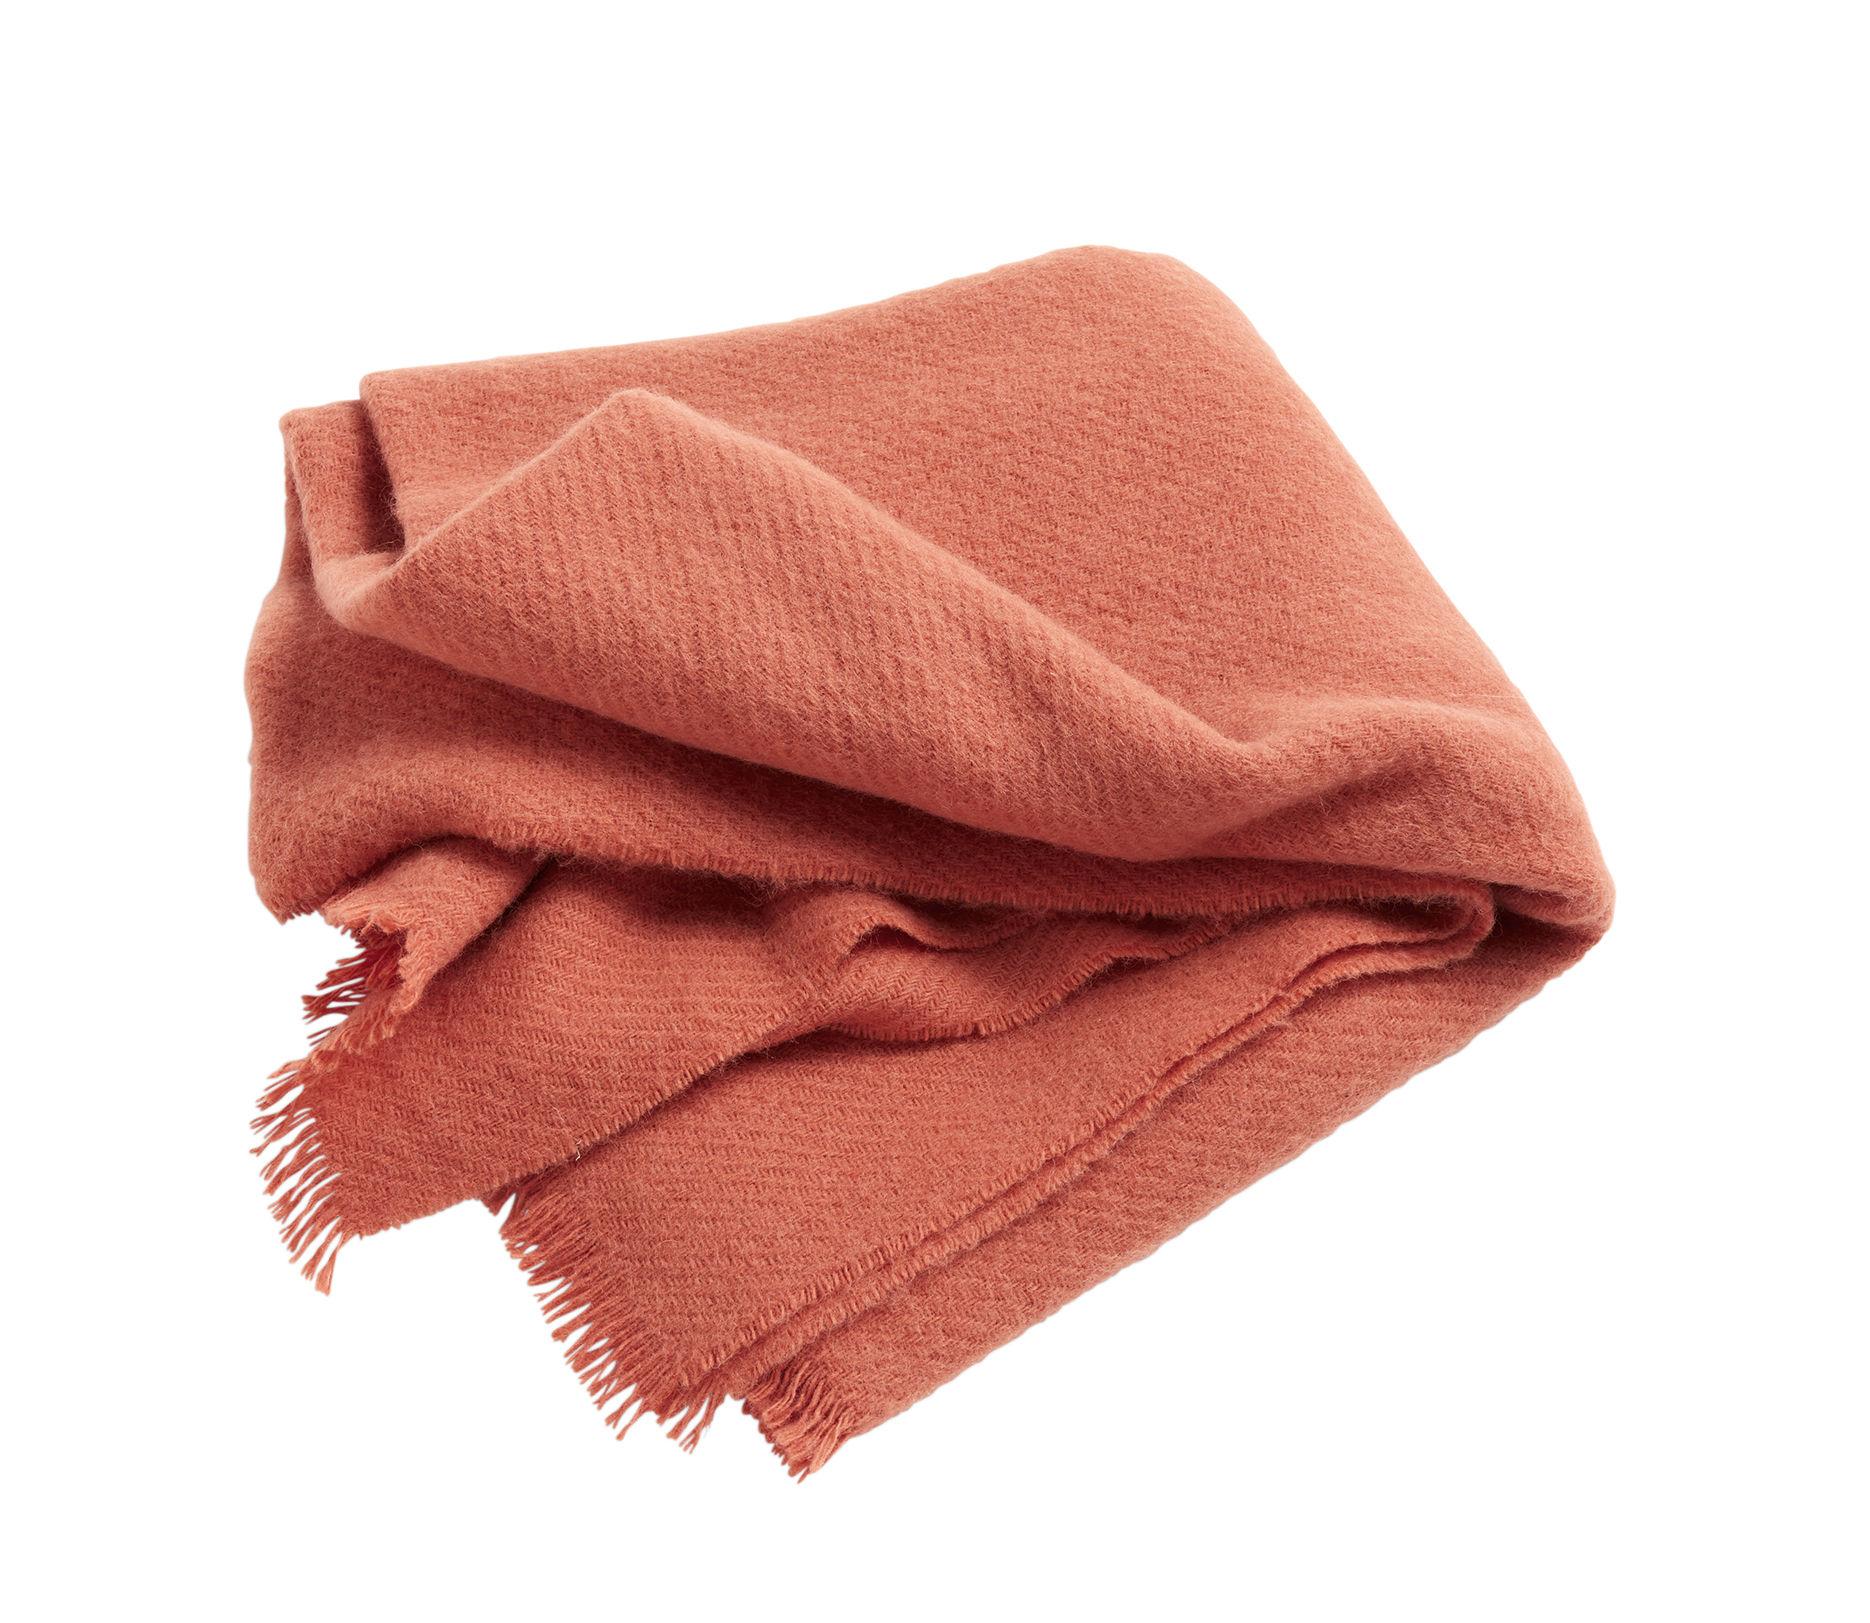 Decoration - Bedding & Bath Towels - Mono Plaid - / 130 x 180 cm - Wool by Hay - Orange - Wool